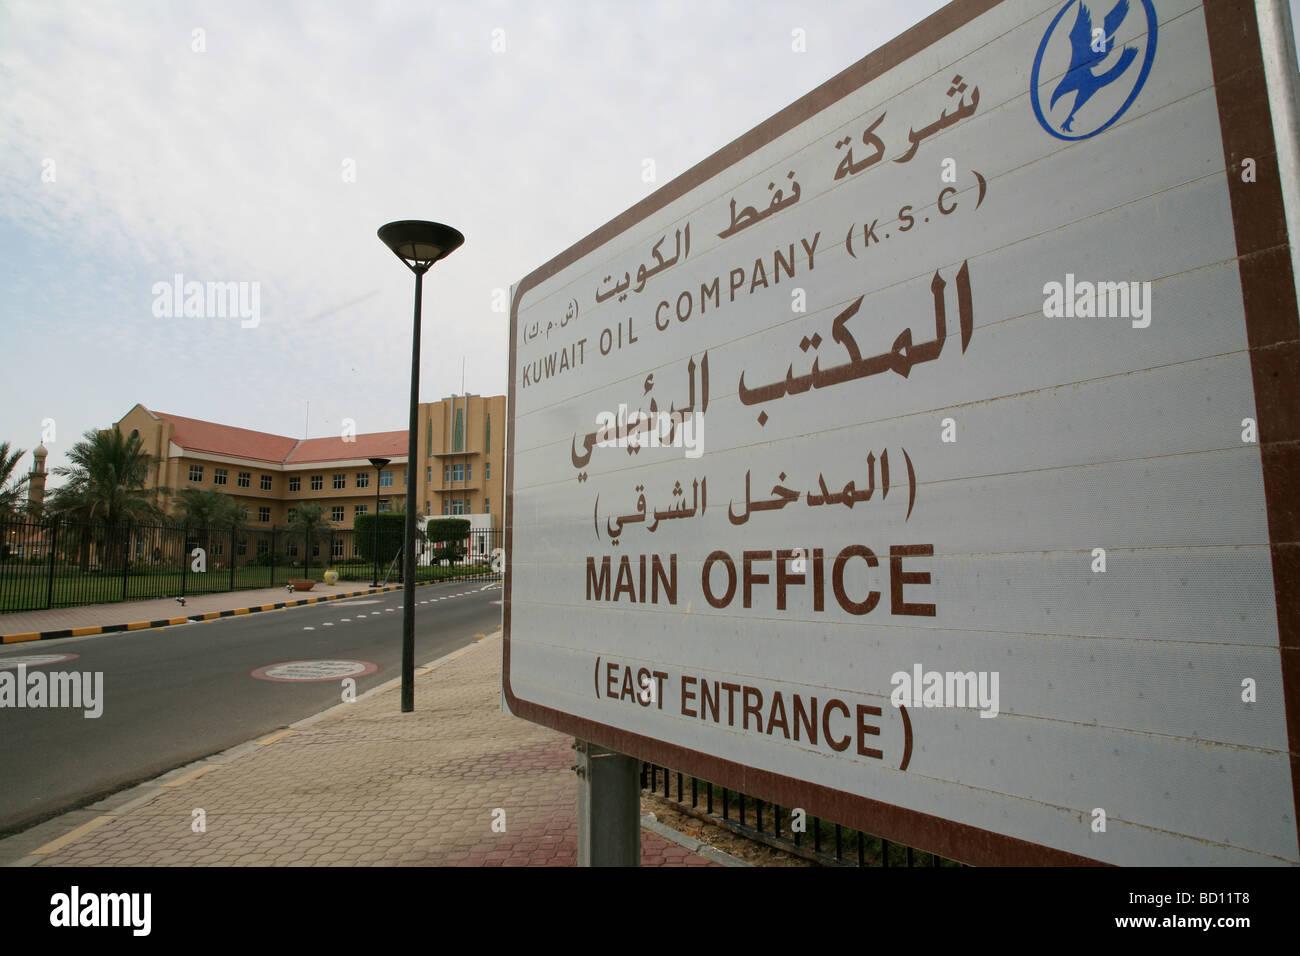 c8 alamy com/comp/BD11T8/kuwait-oil-company-main-o